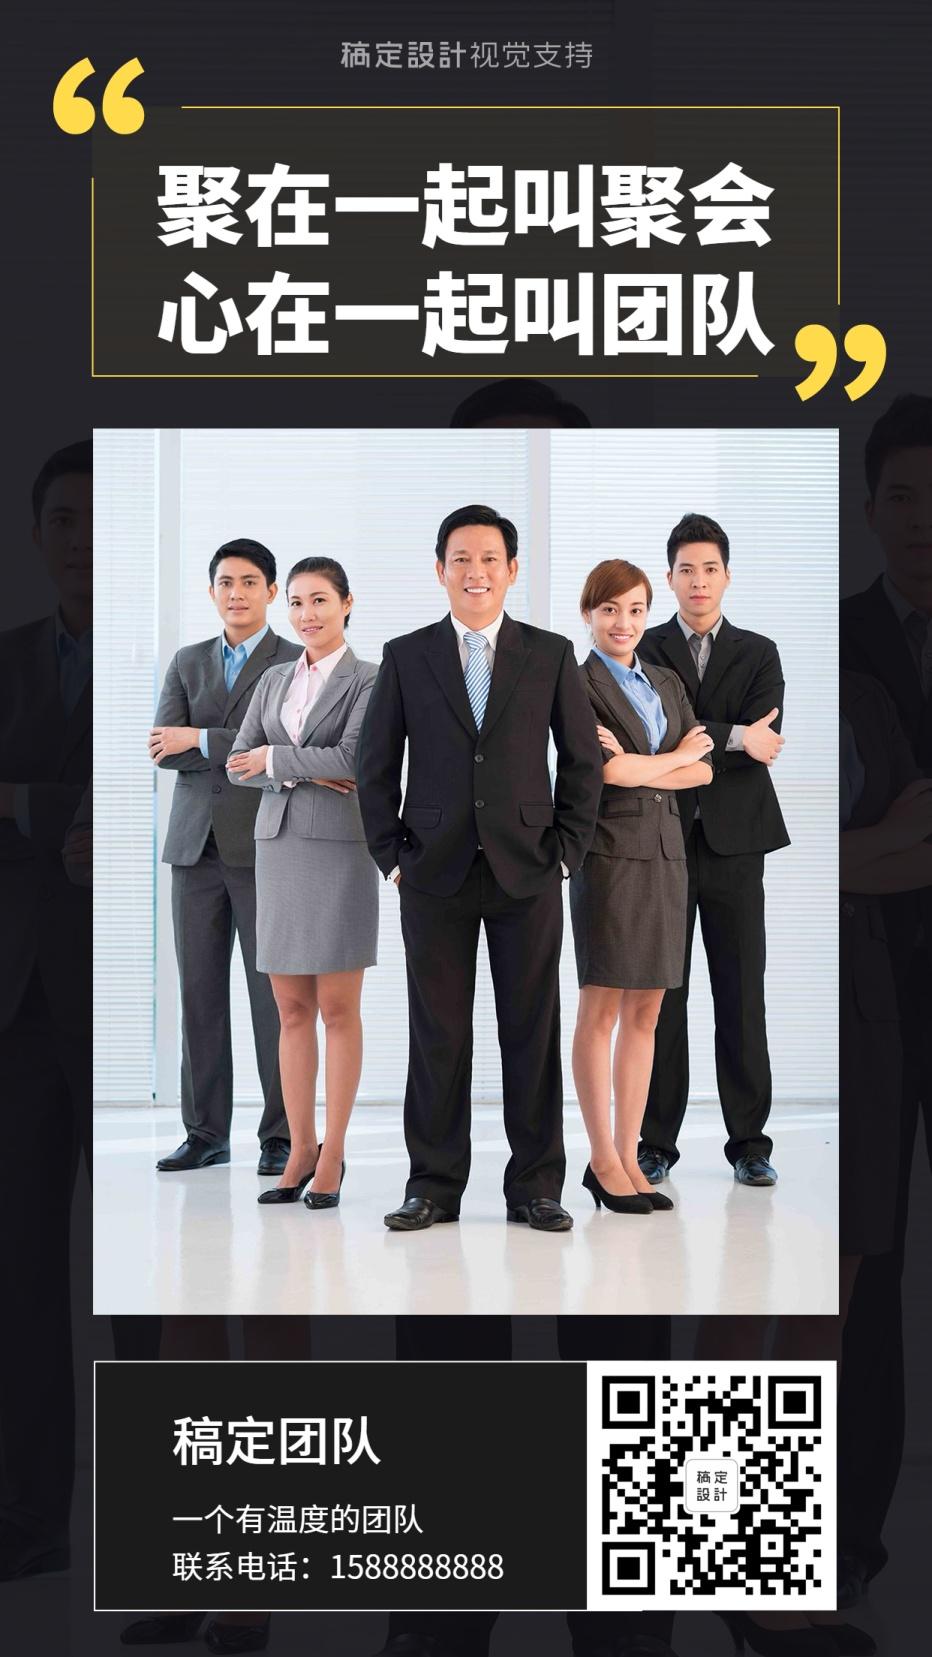 团队正能量人才招募微商招商